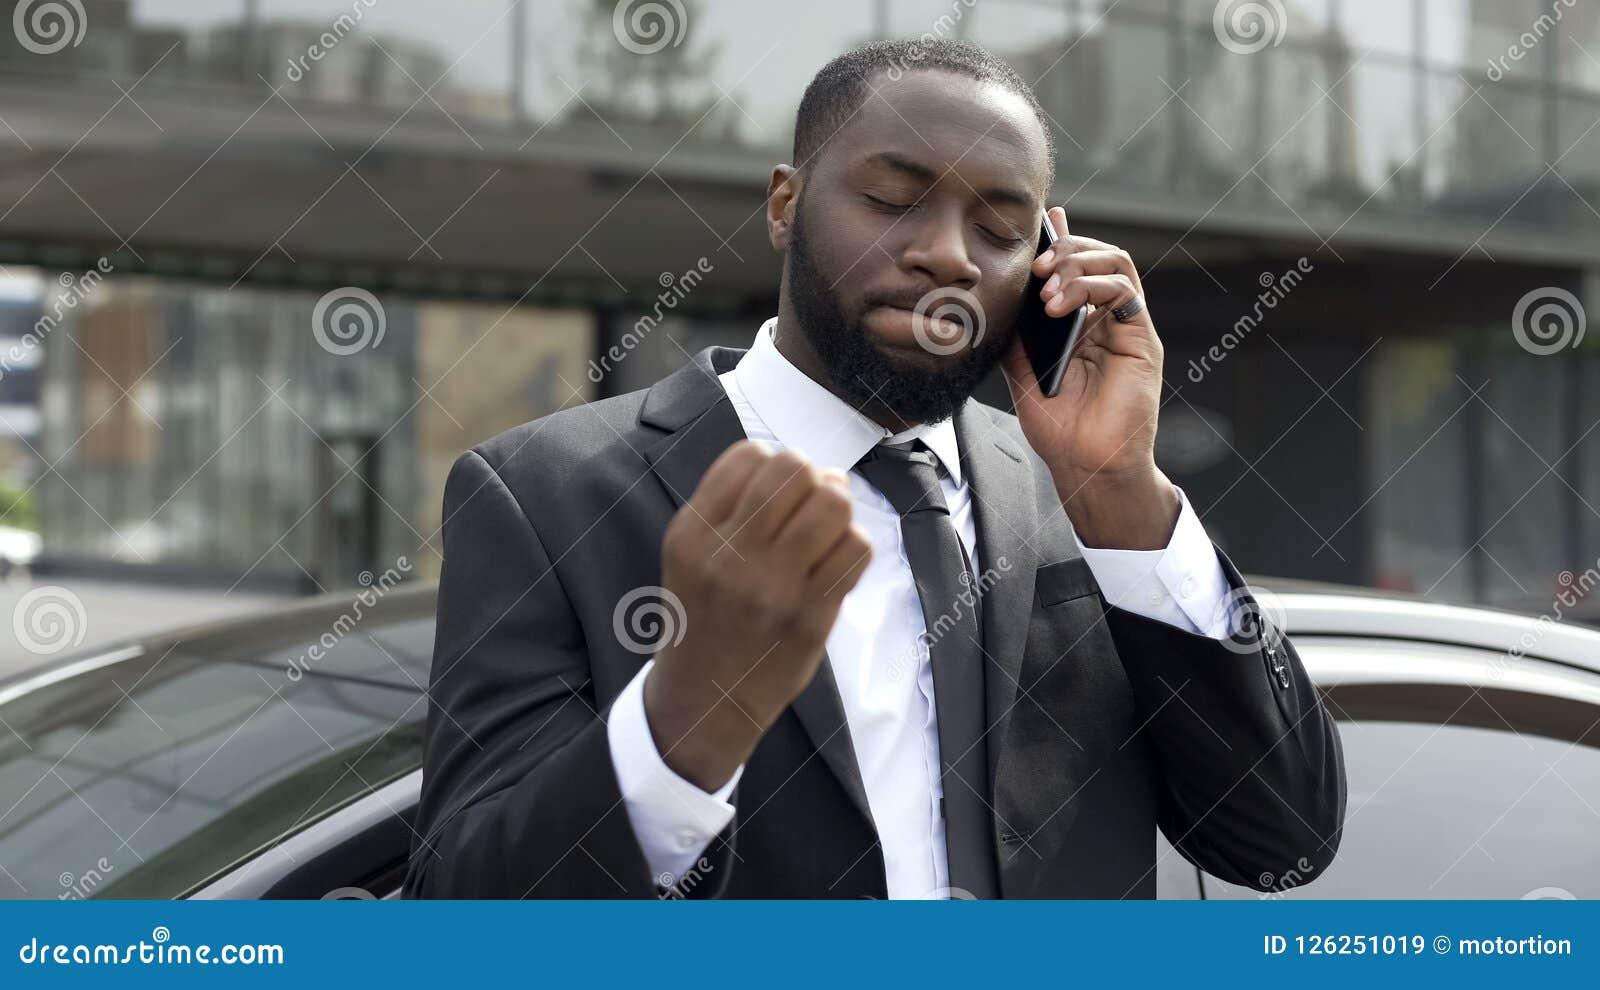 El hombre de negocios molestó por la conversación telefónica desagradable, problemas en negocio